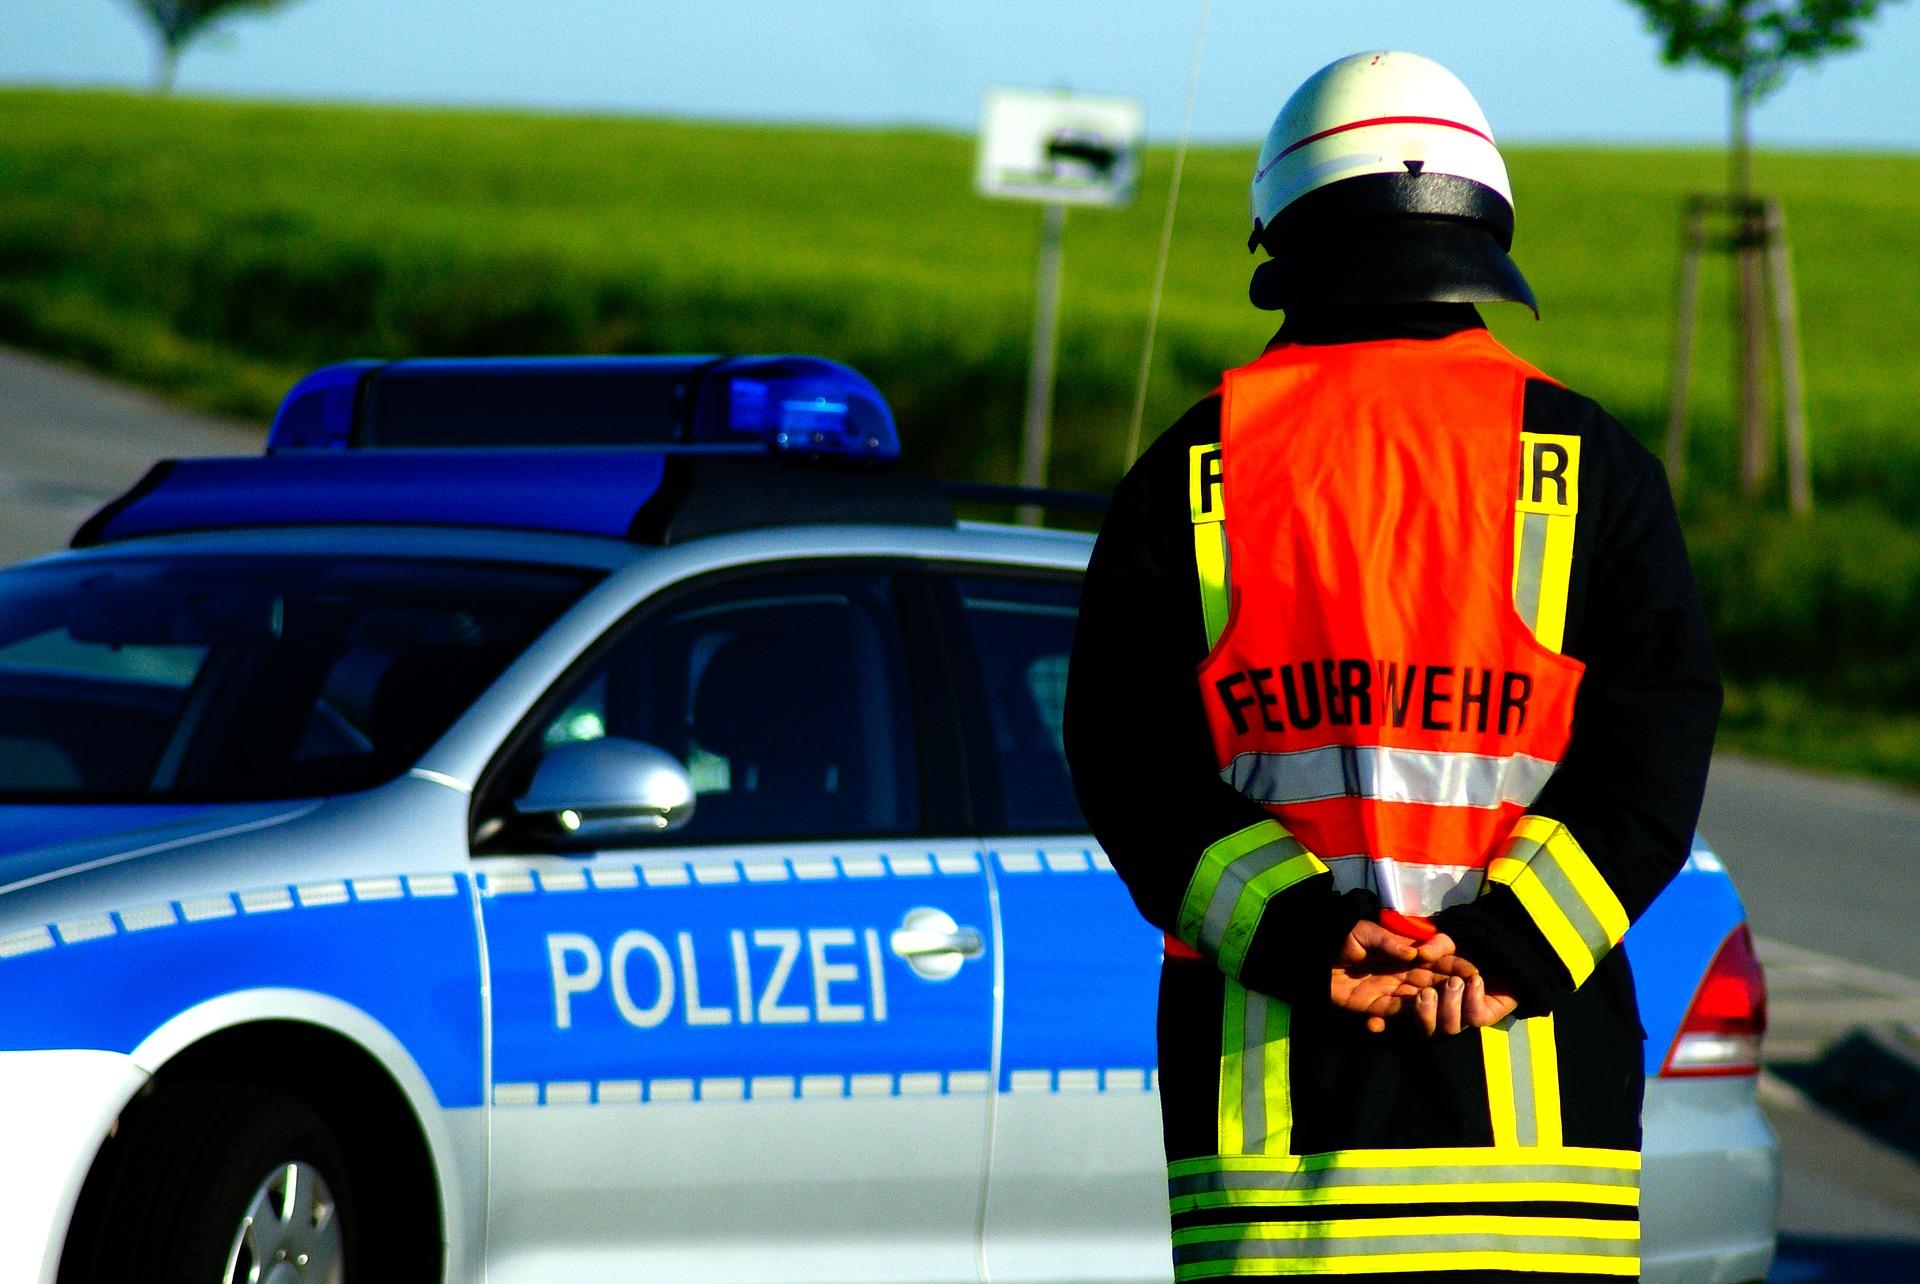 Deutsches Gericht verurteilt Swatting – Erster Täter wandert für Jahre in den Knast